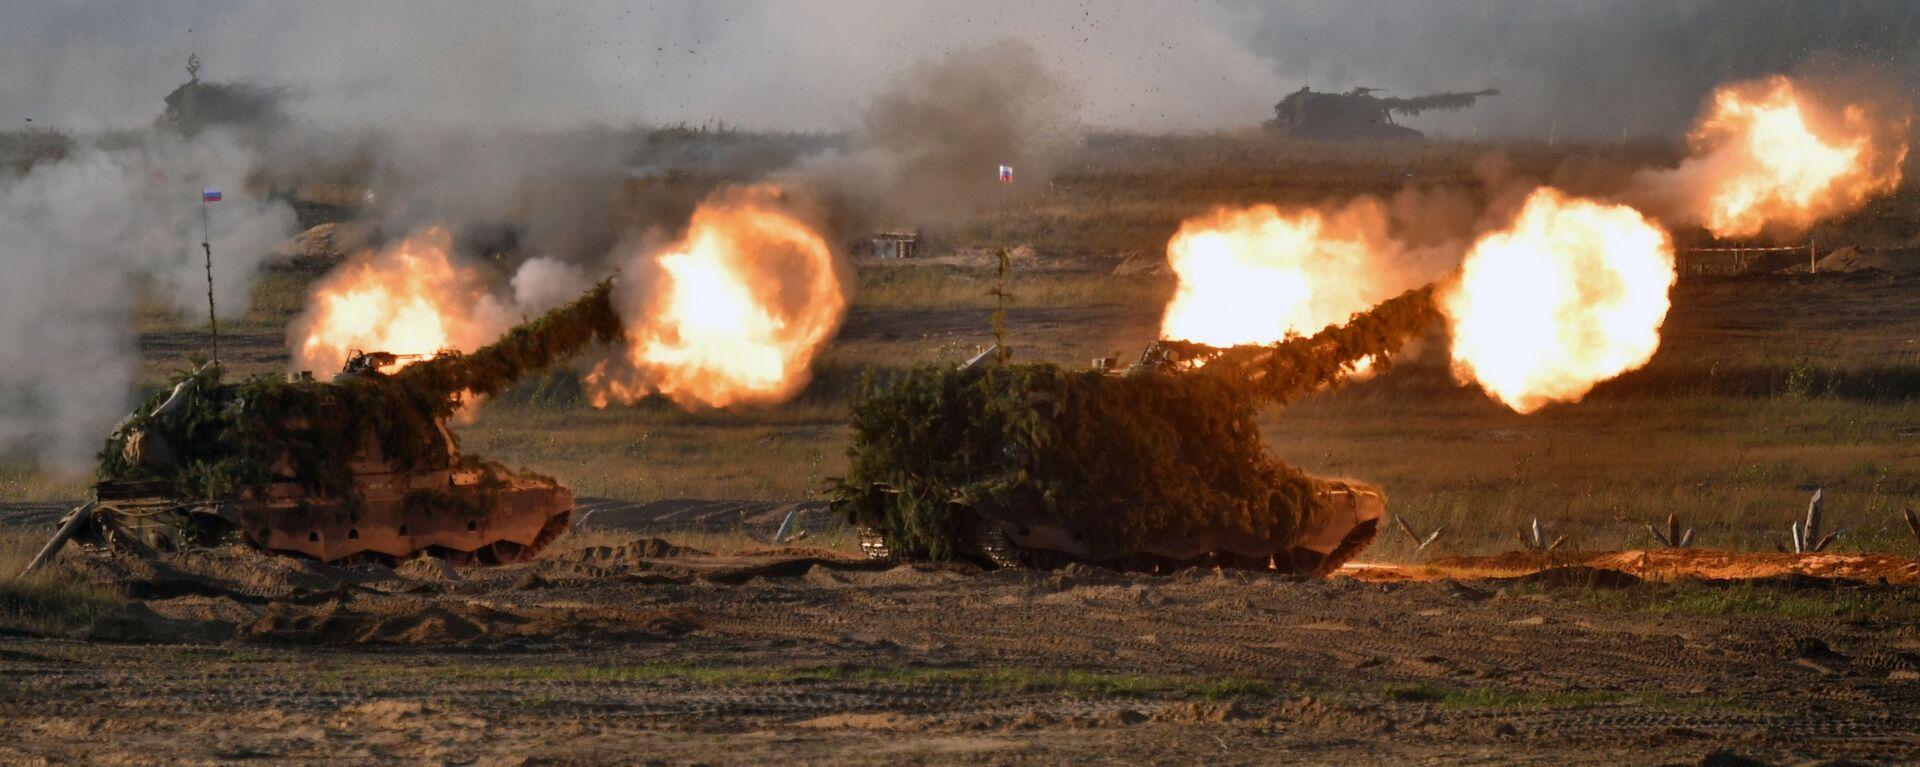 Самоходные артиллерийские установки (САУ) во время основного этапа учений Запад-2021 на полигоне Мулино в Нижегородской области - Sputnik Polska, 1920, 14.09.2021